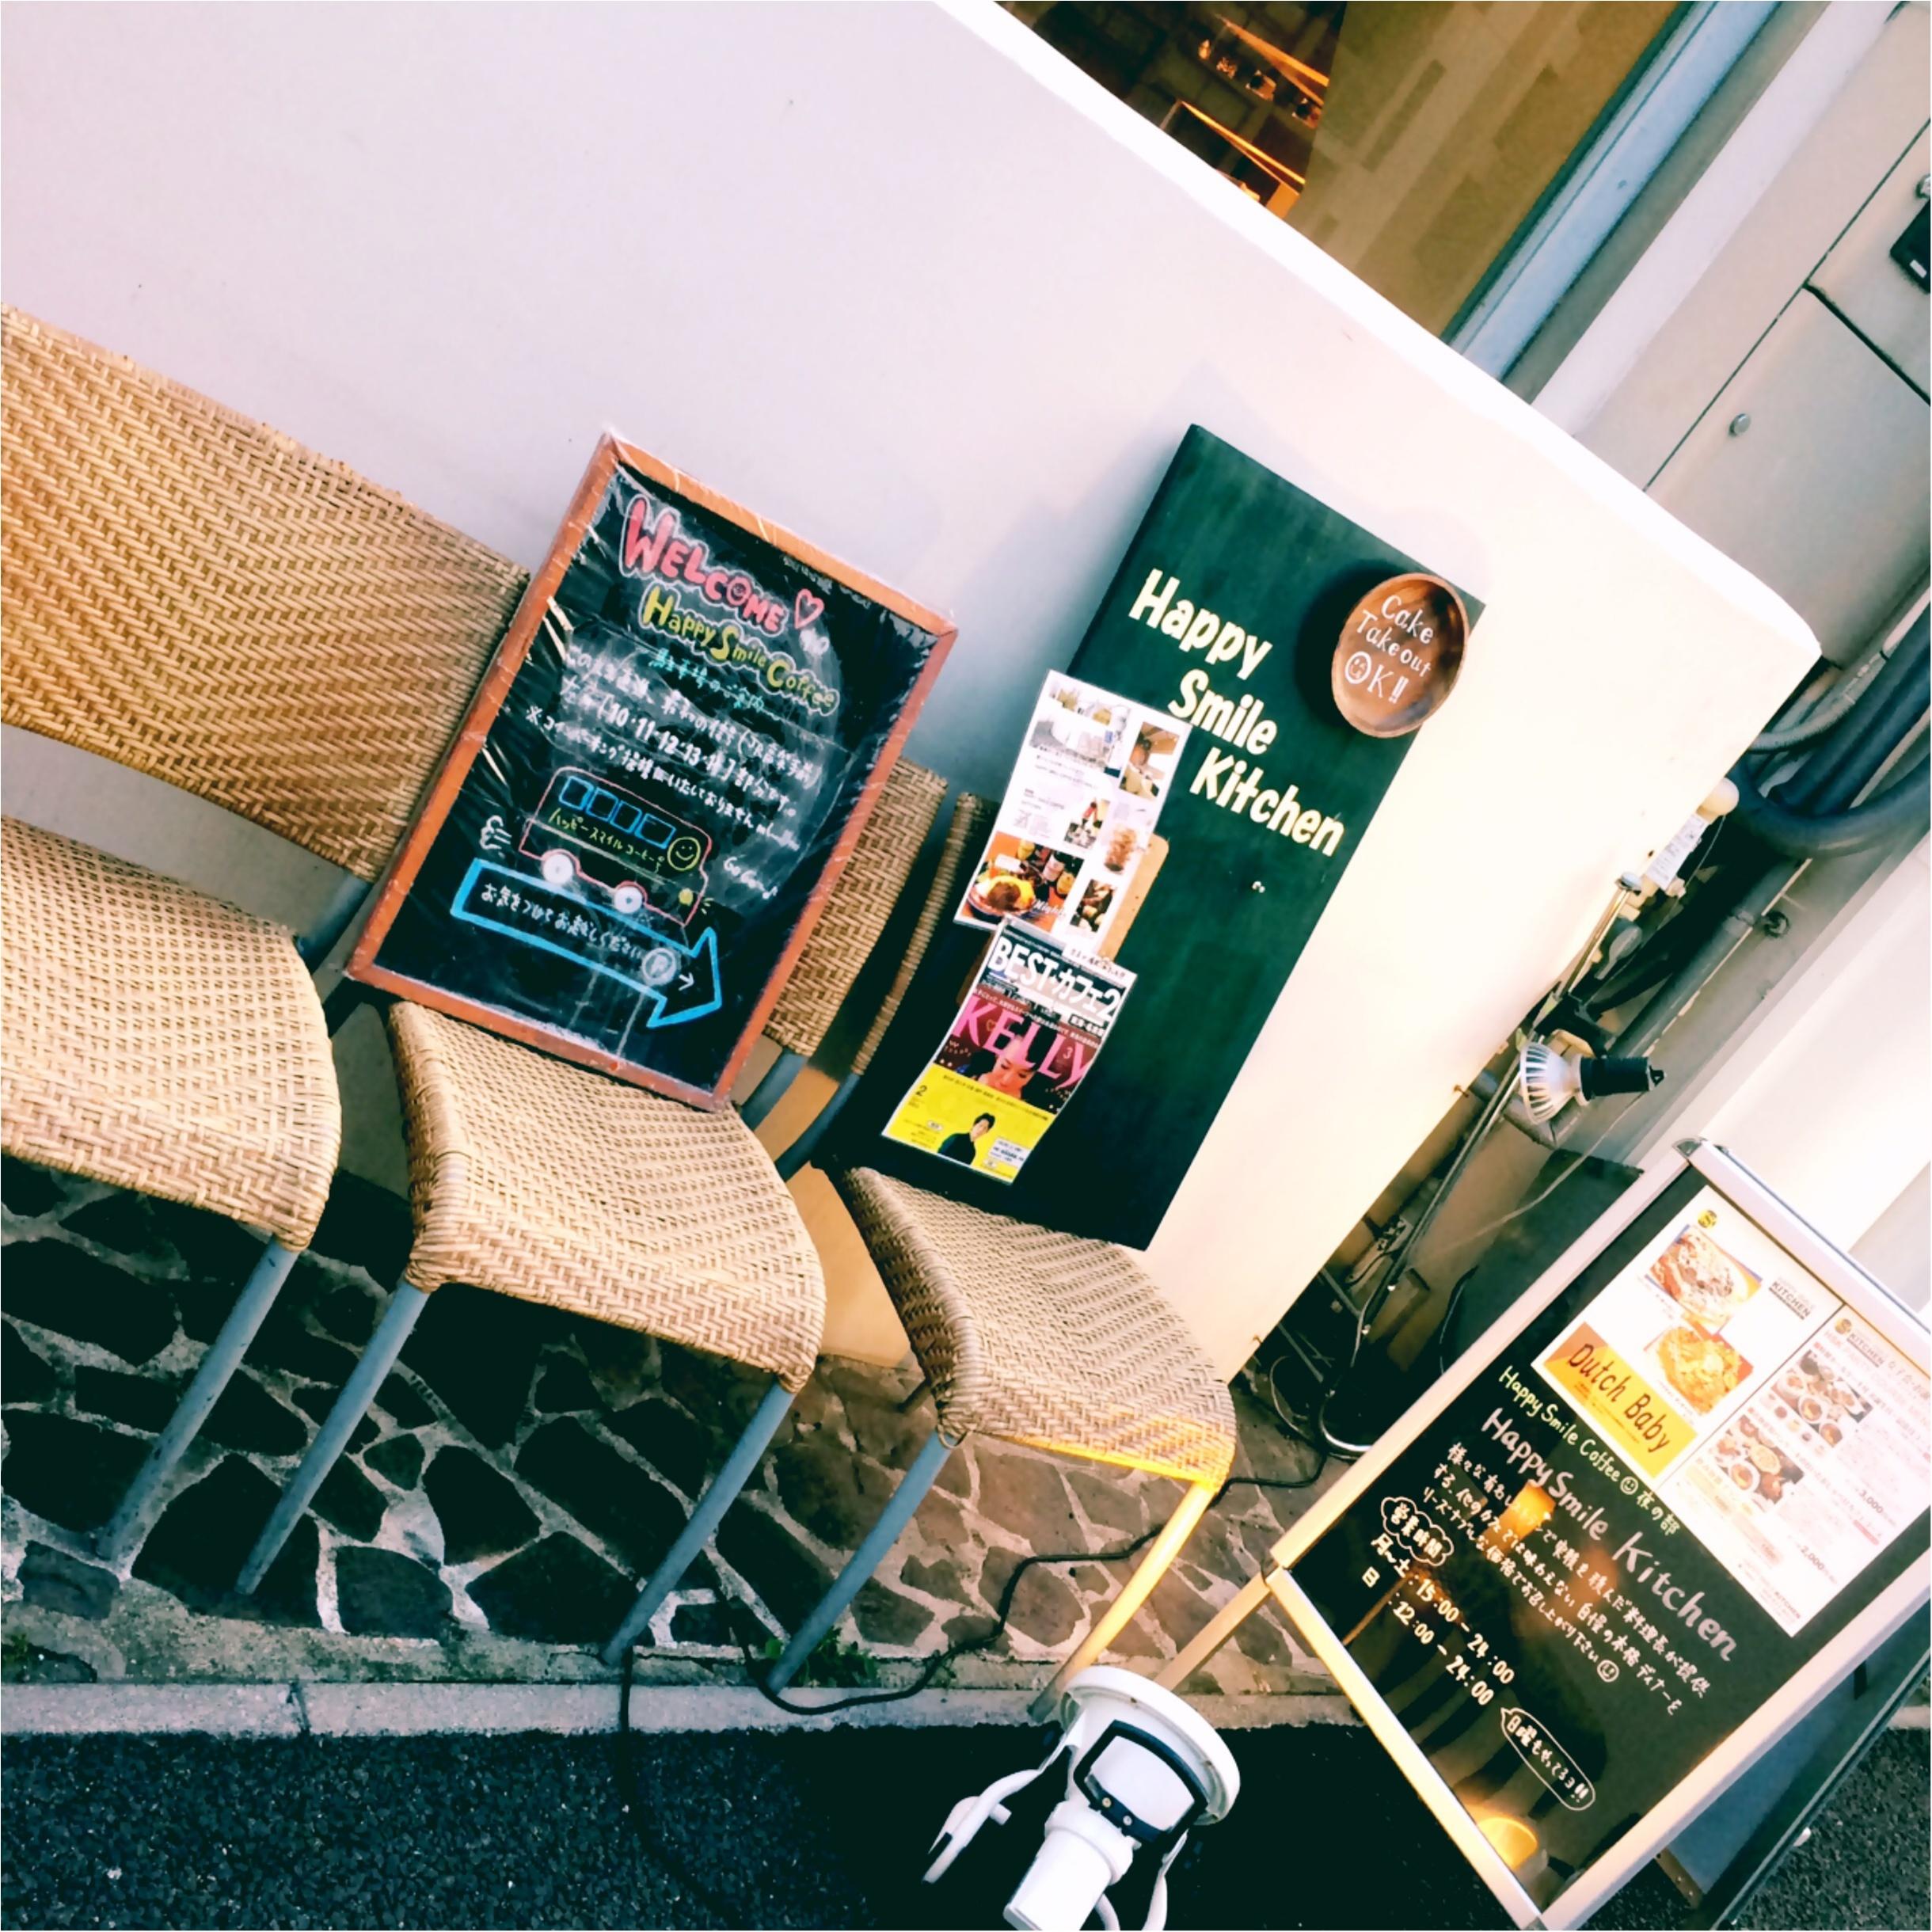 ★こんなパンケーキ可愛いすぎる…♡オシャレな方必見!名古屋で星型パンケーキ食べてみませんか?★_1